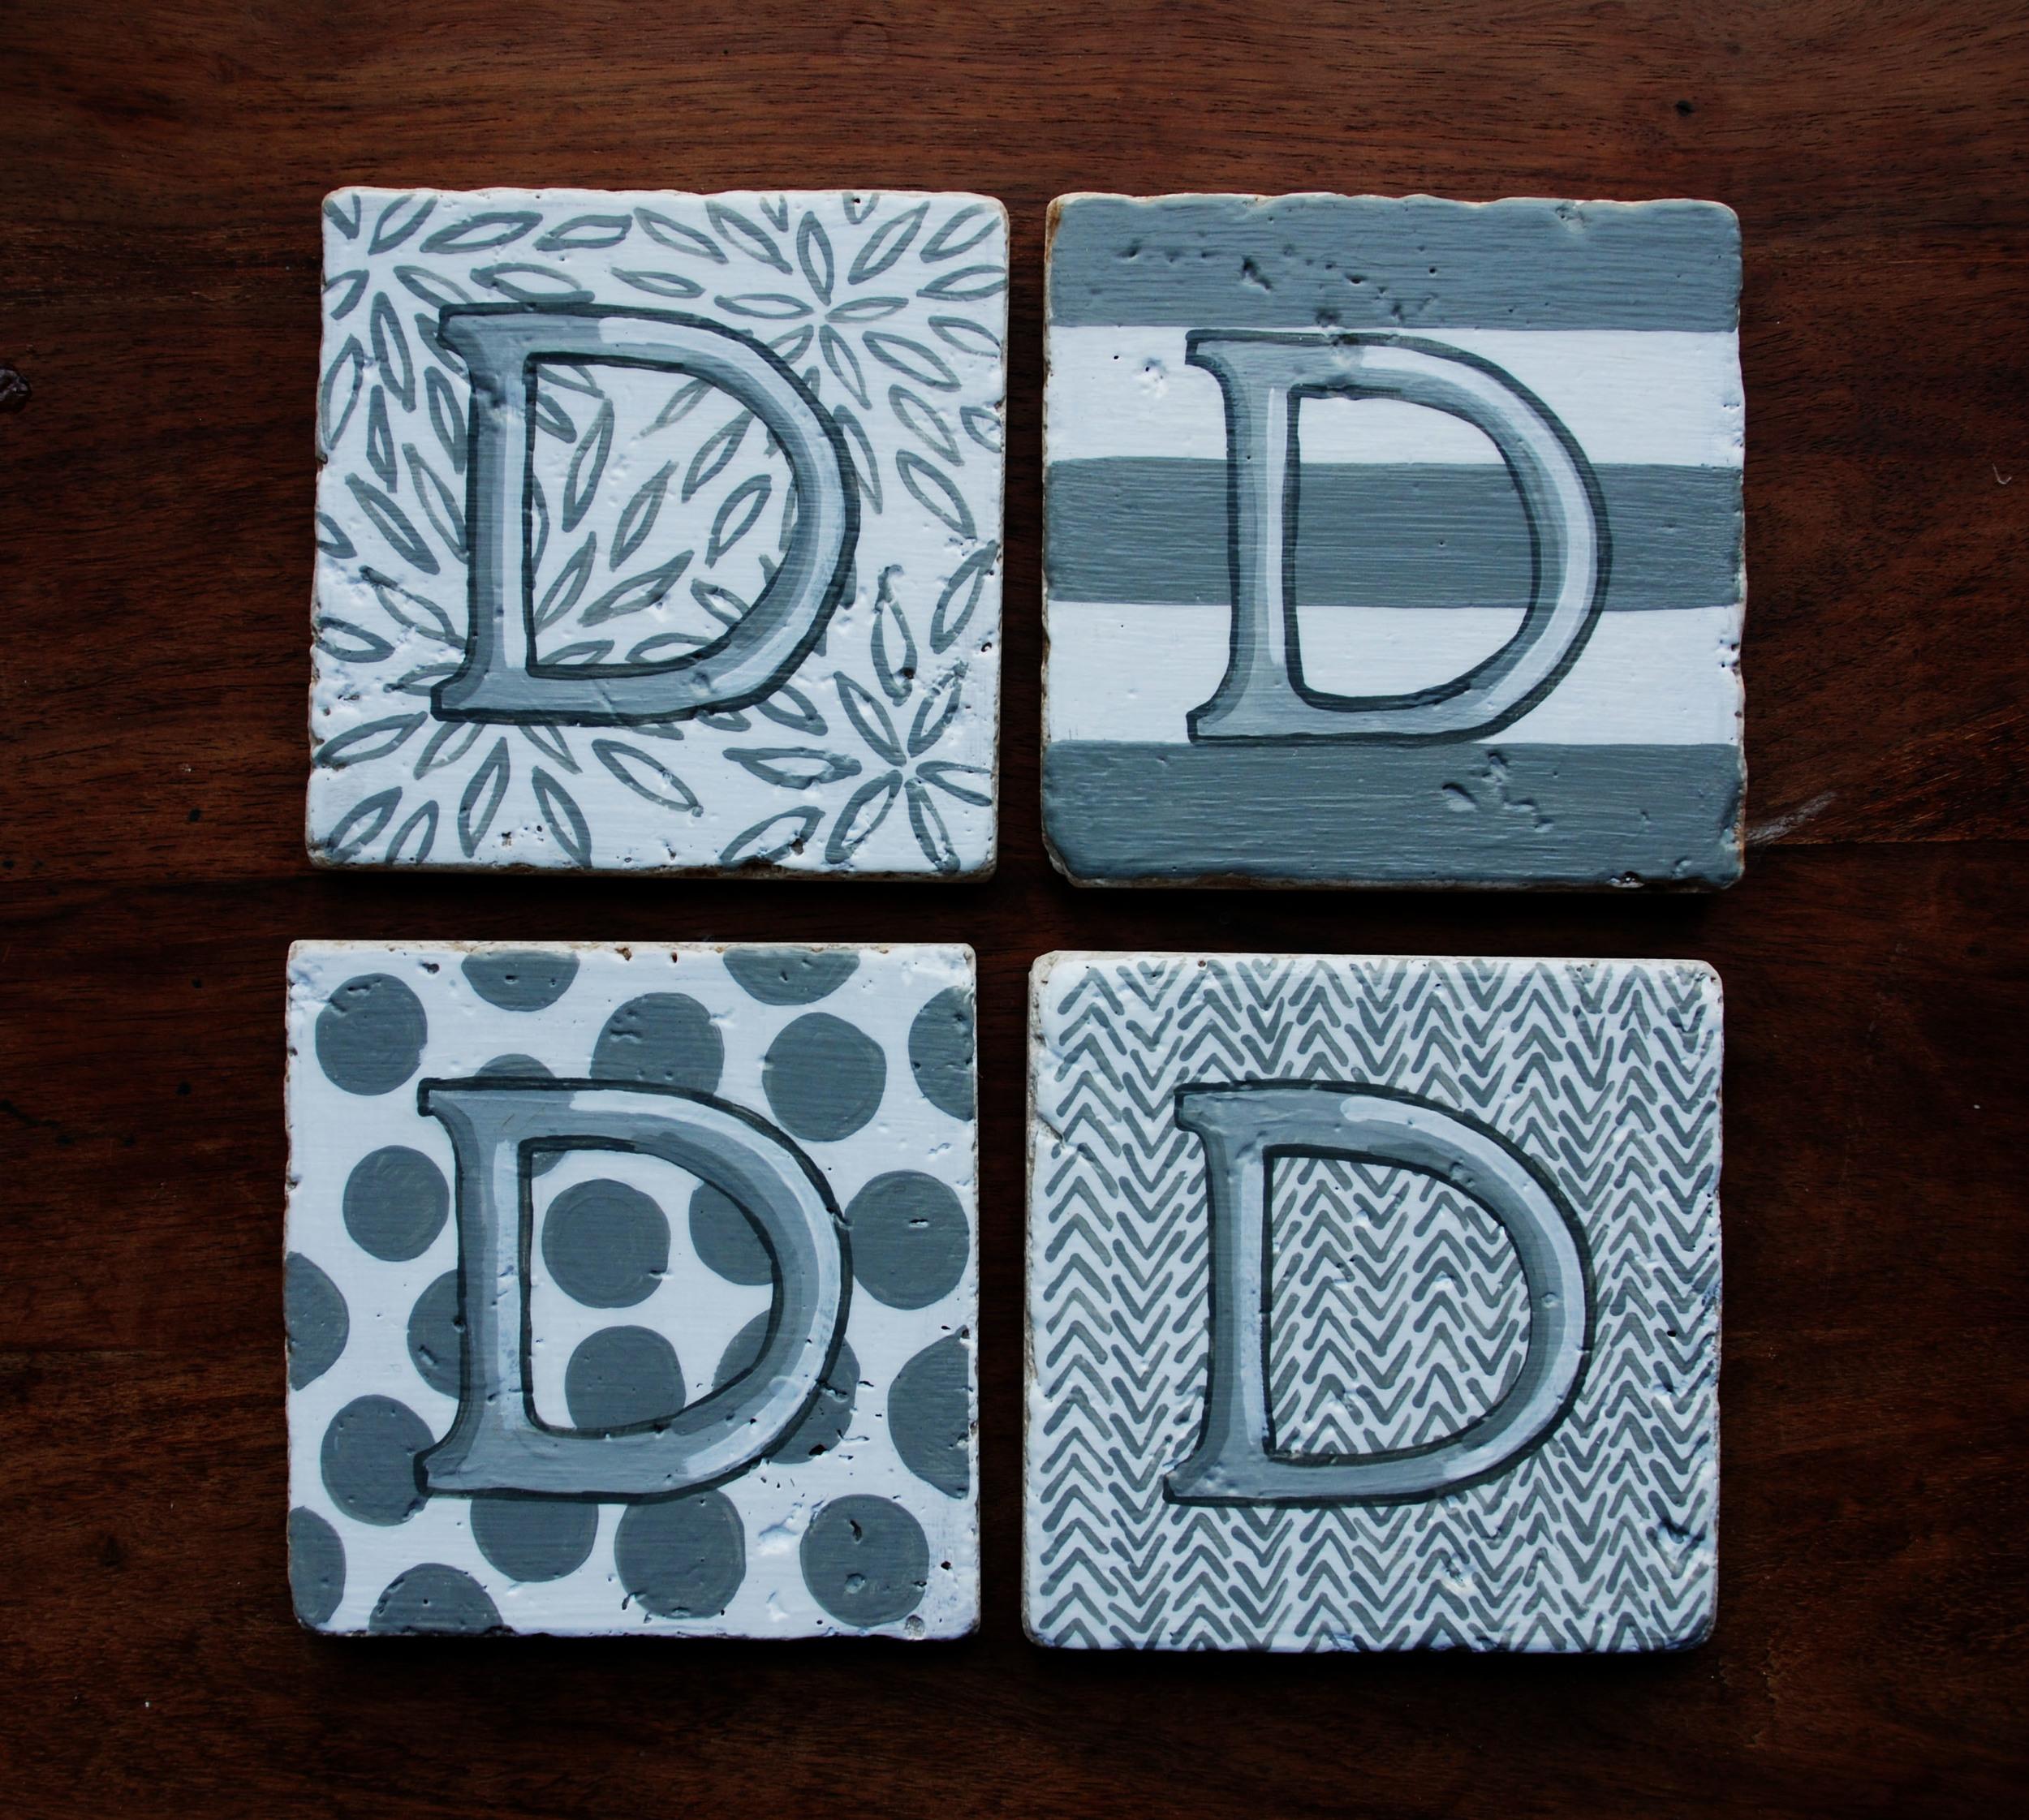 D Coasters.jpg